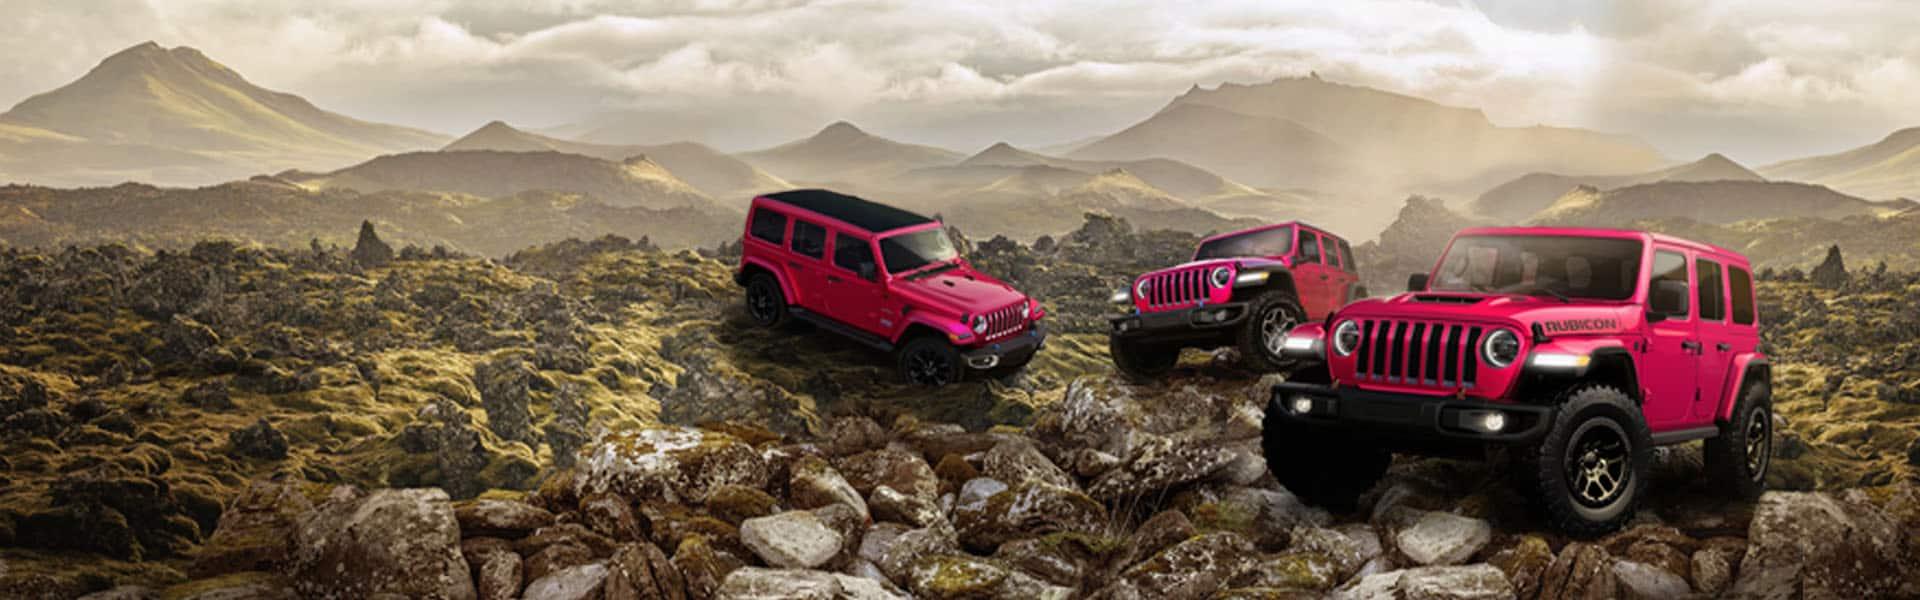 Tres modelos Jeep Wrangler 2021, de izquierda a derecha: un Unlimited Sahara 4xe, un Rubicon 4xe y un Rubicon 392, todos en Tuscadero (un color rosado fuerte), estacionados en una meseta rocosa con montañas con niebla en la distancia.